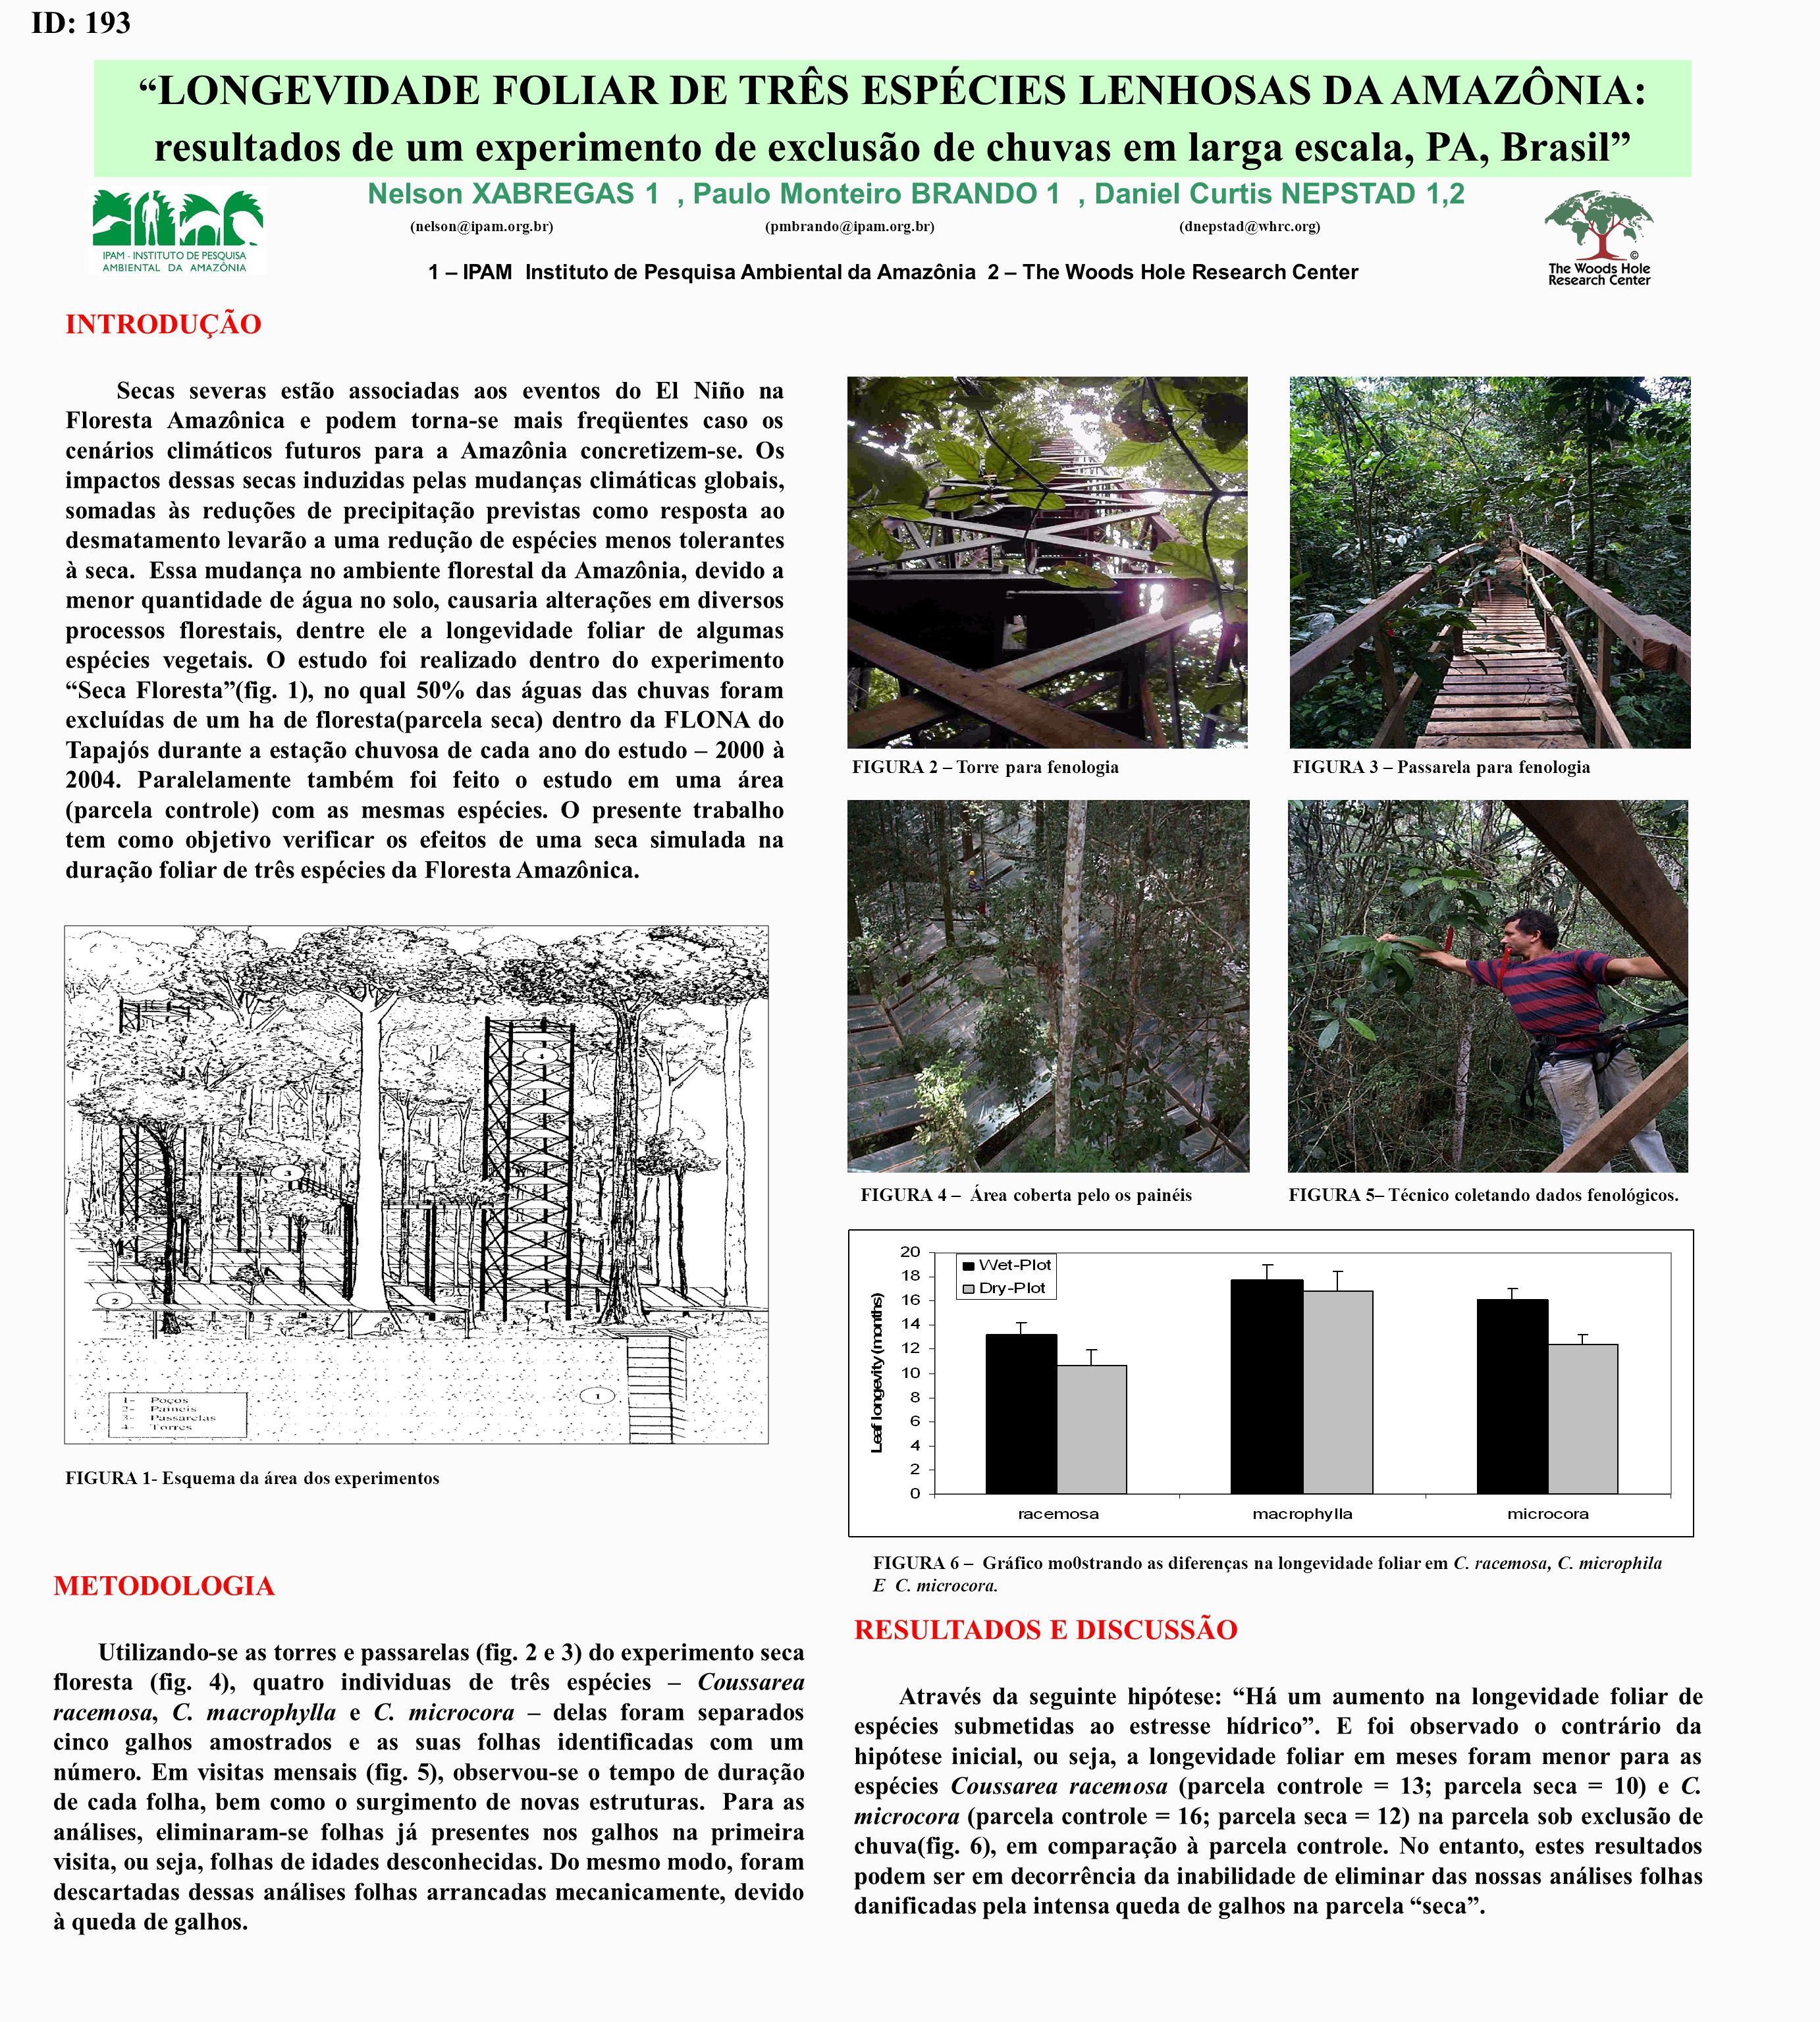 Nelson XABREGAS 1, Paulo Monteiro BRANDO 1, Daniel Curtis NEPSTAD 1,2 1 – IPAM Instituto de Pesquisa Ambiental da Amazônia 2 – The Woods Hole Research Center LONGEVIDADE FOLIAR DE TRÊS ESPÉCIES LENHOSAS DA AMAZÔNIA: resultados de um experimento de exclusão de chuvas em larga escala, PA, Brasil INTRODUÇÃO Secas severas estão associadas aos eventos do El Niño na Floresta Amazônica e podem torna-se mais freqüentes caso os cenários climáticos futuros para a Amazônia concretizem-se.